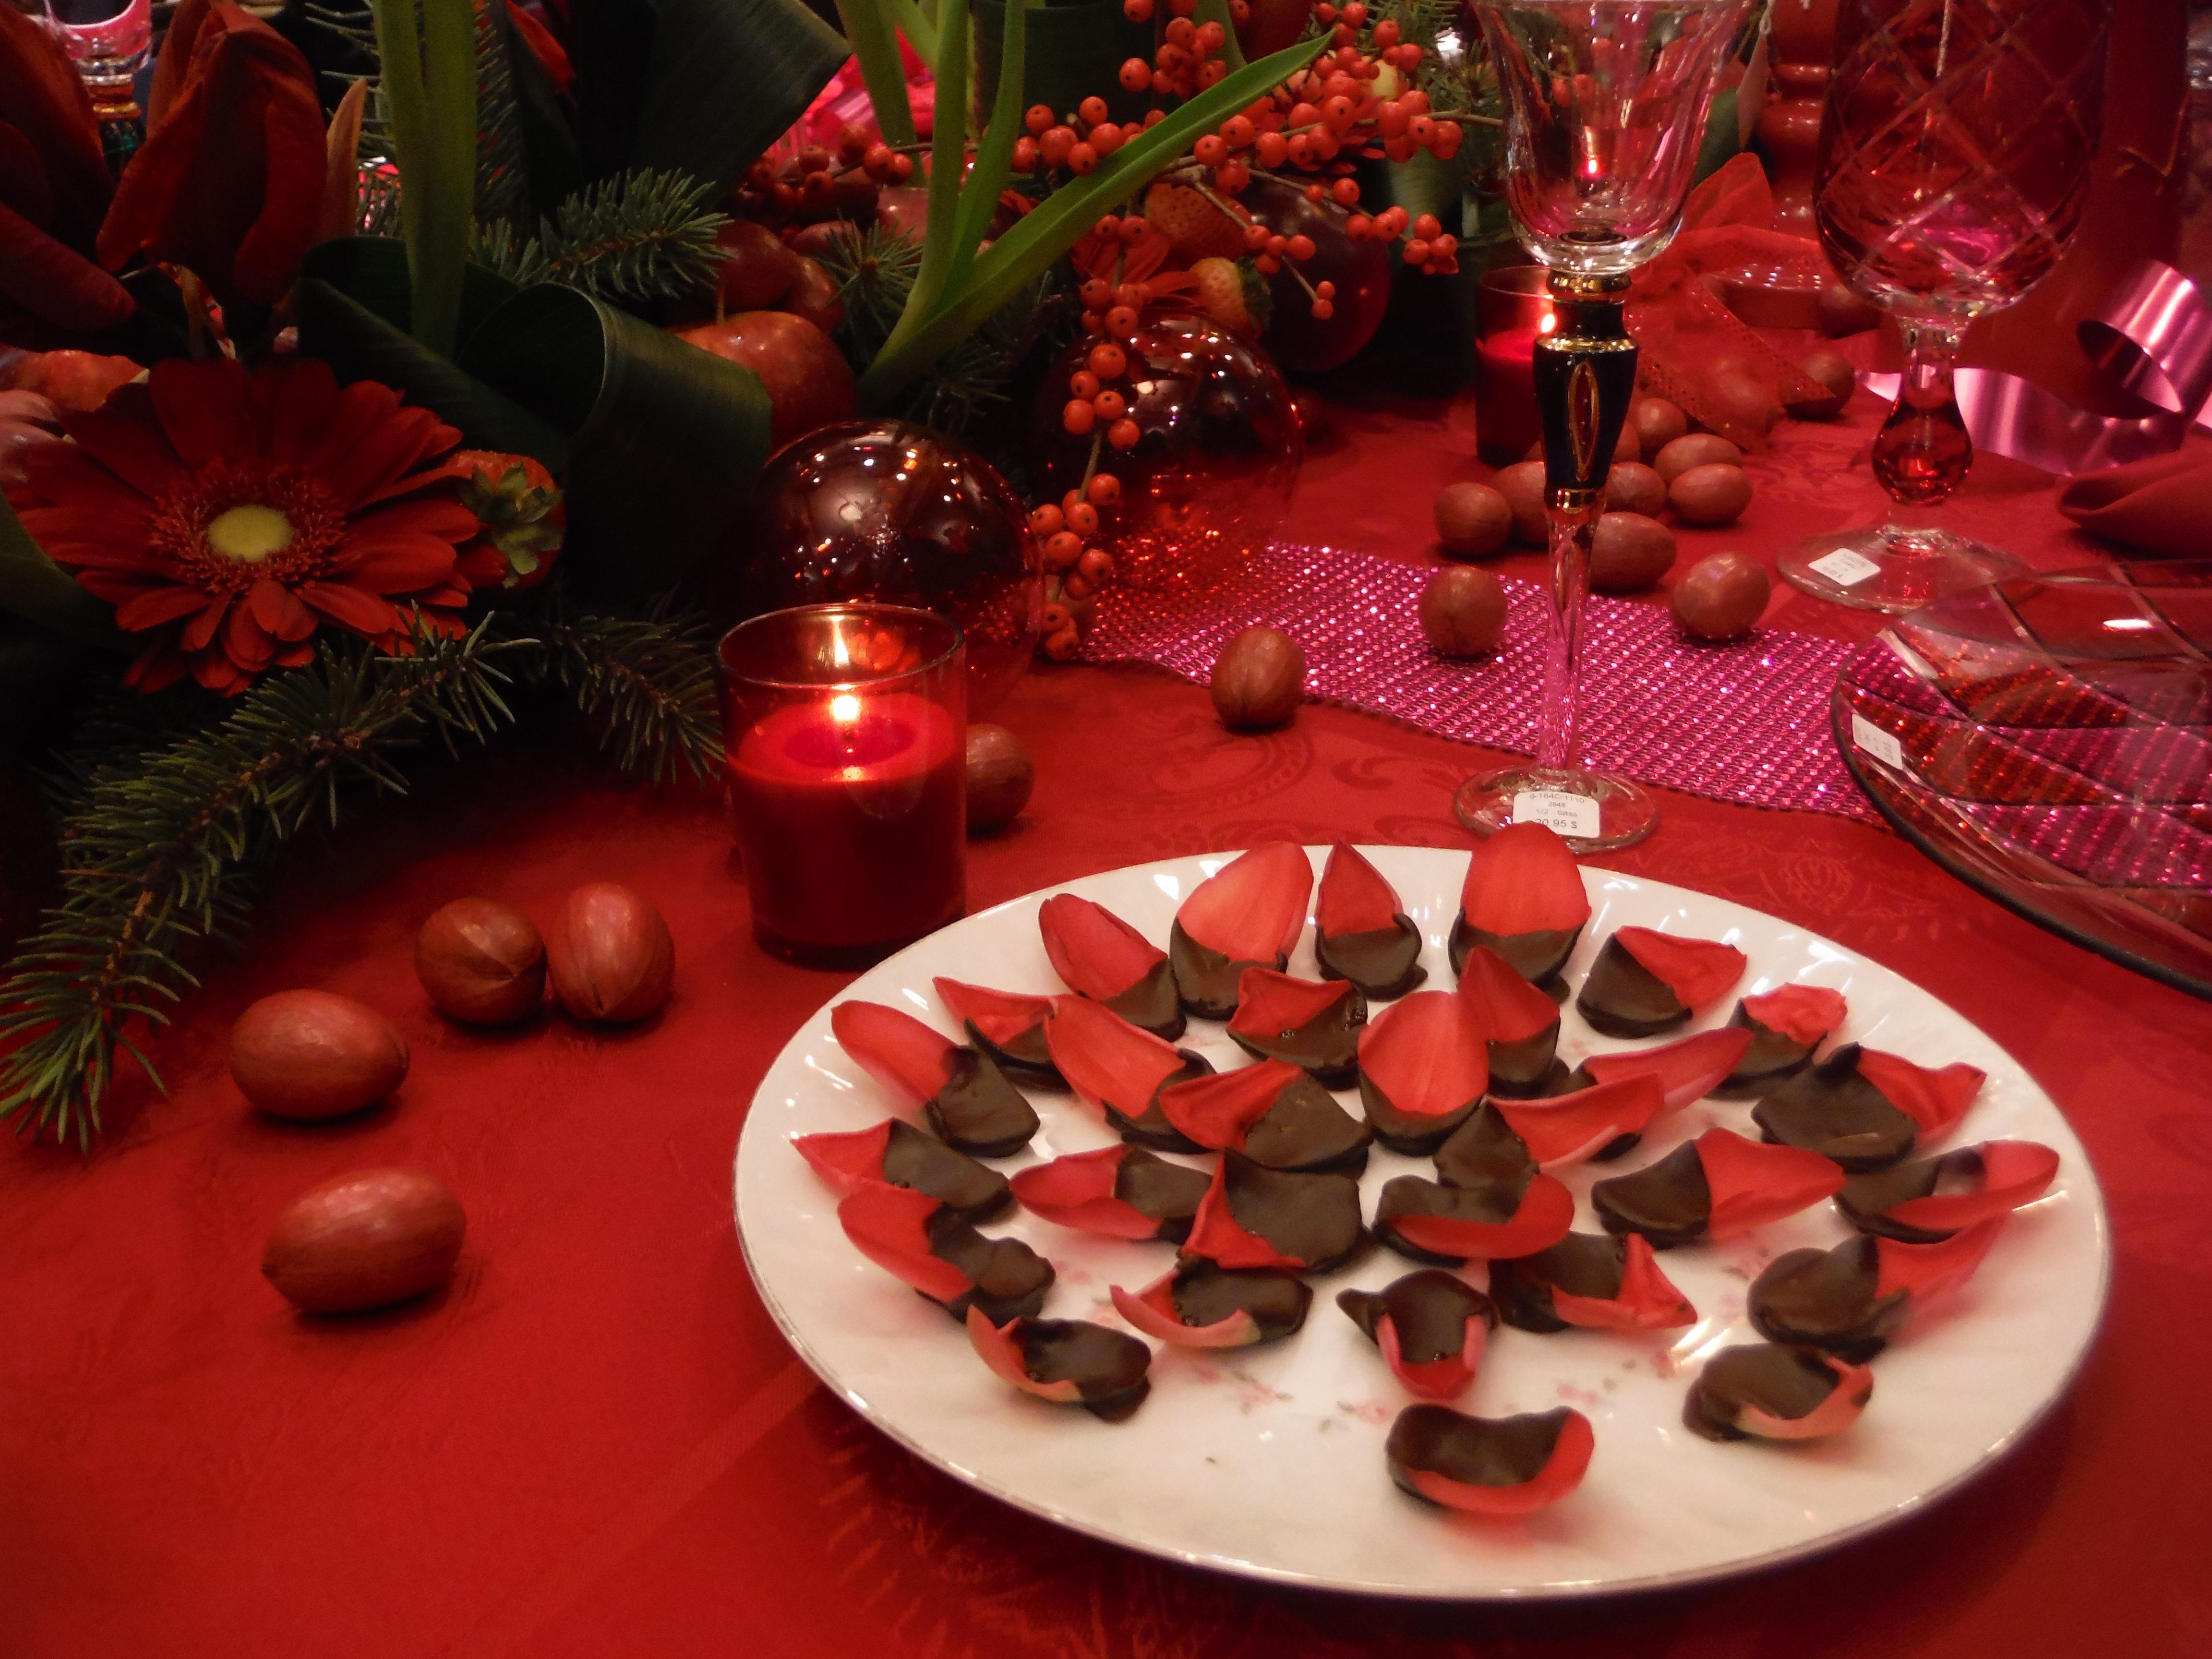 Saint Valentin Ide Originale Pour Un Souper Romantique